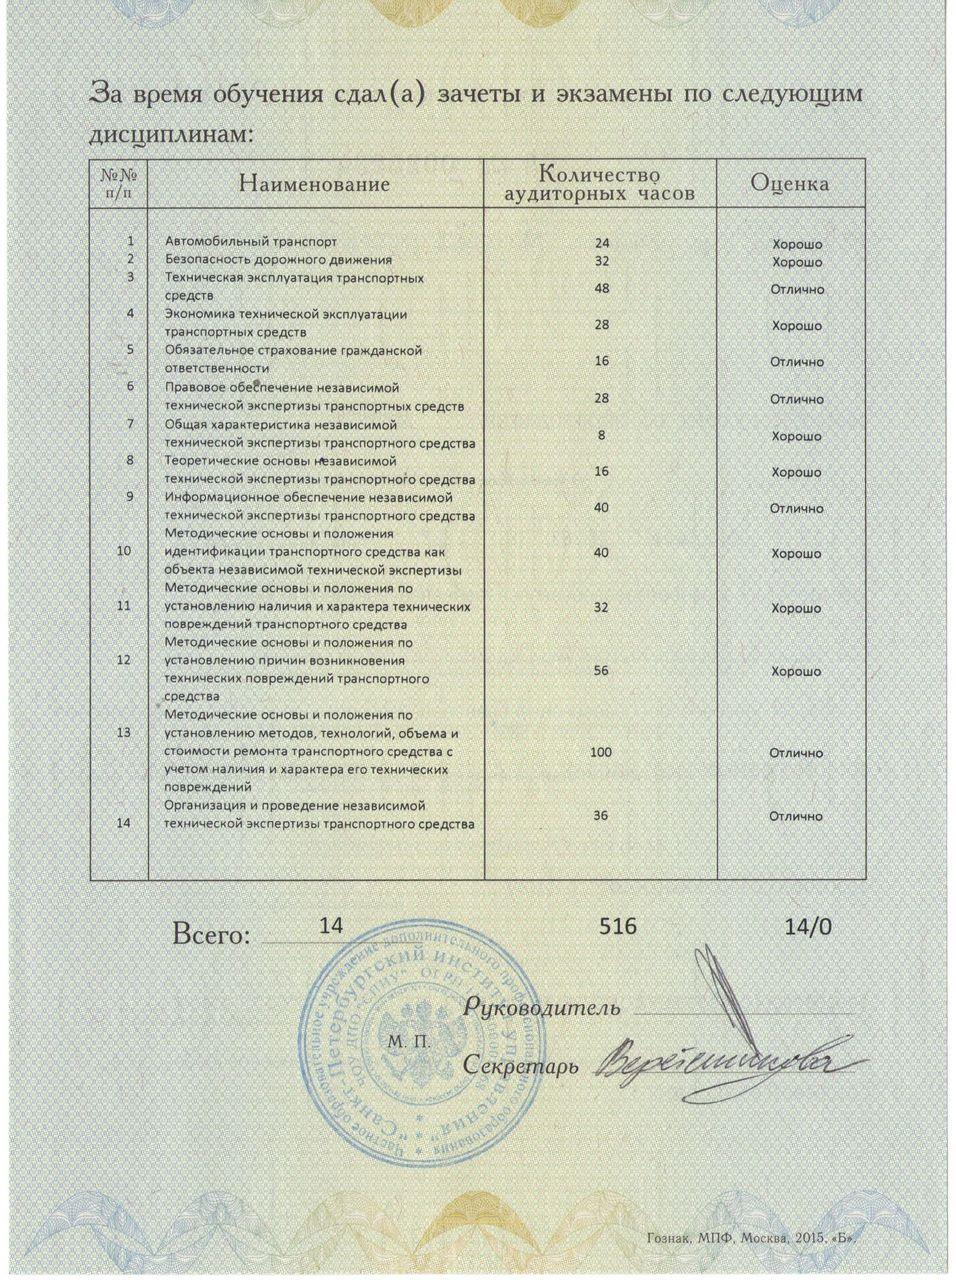 Приложение к диплому эксперта-техника